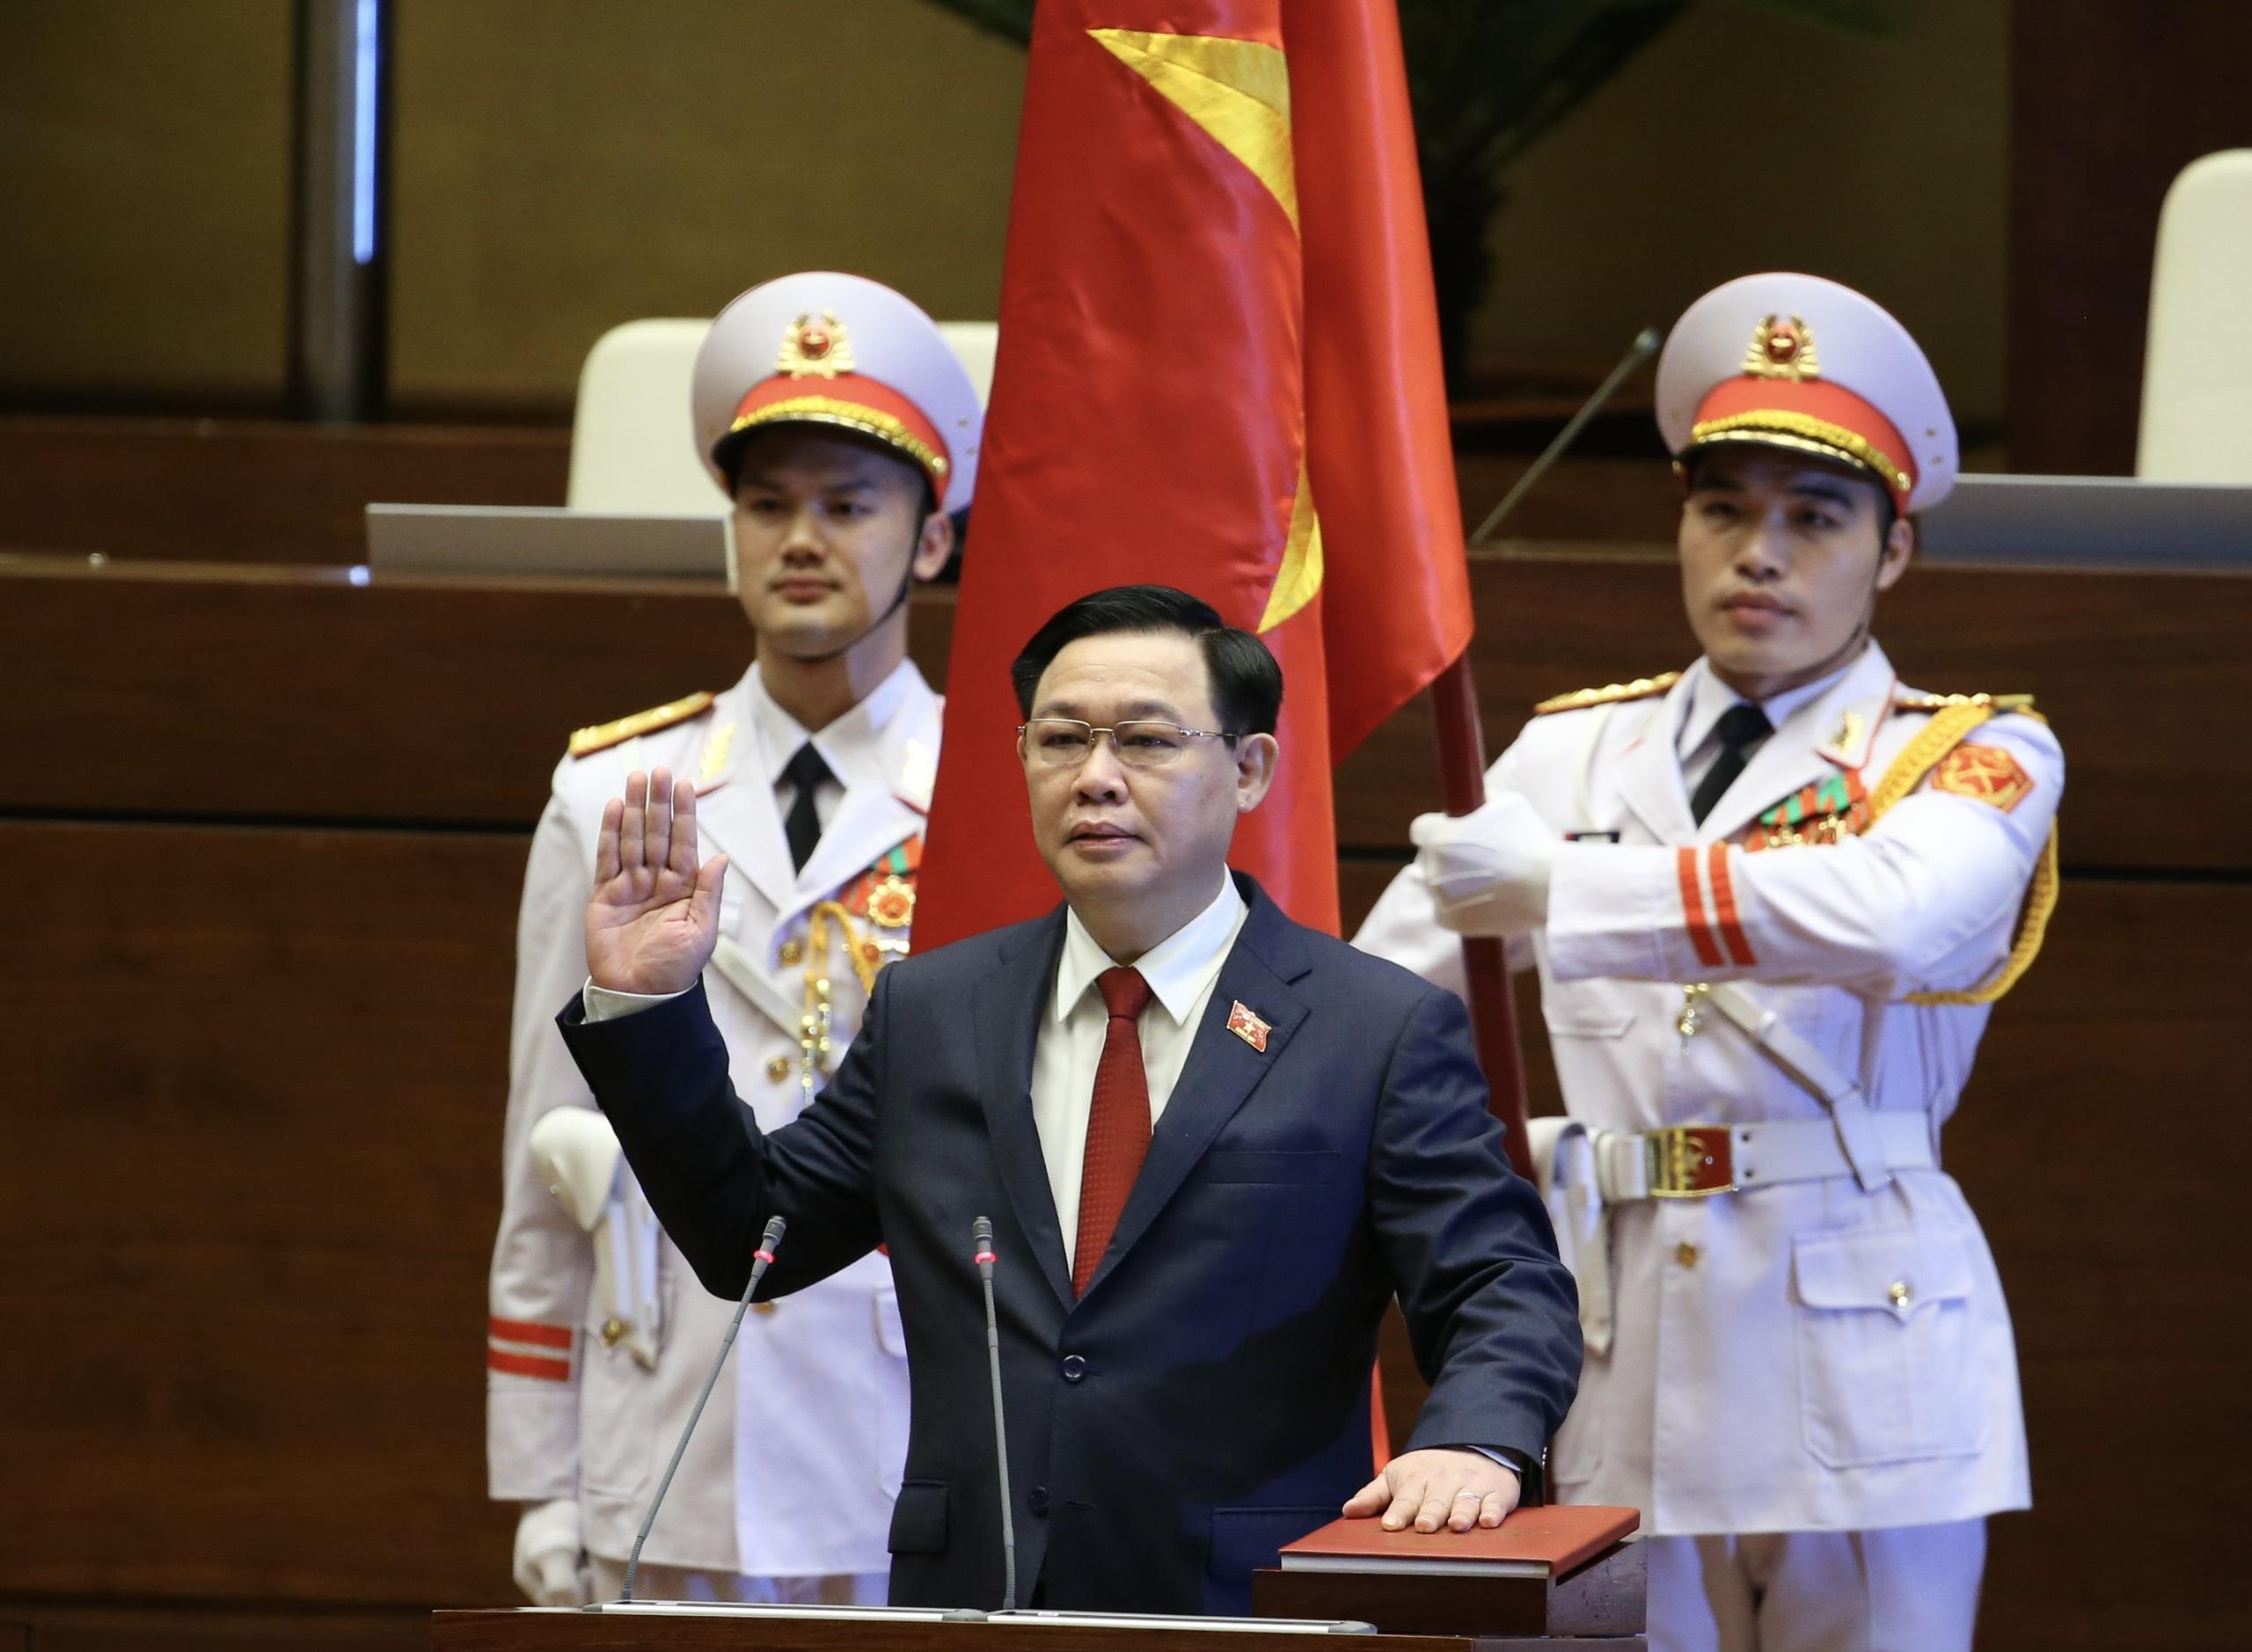 Đồng chí Vương Đình Huệ được bầu giữ chức vụ Chủ tịch Quốc hội - Ảnh 2